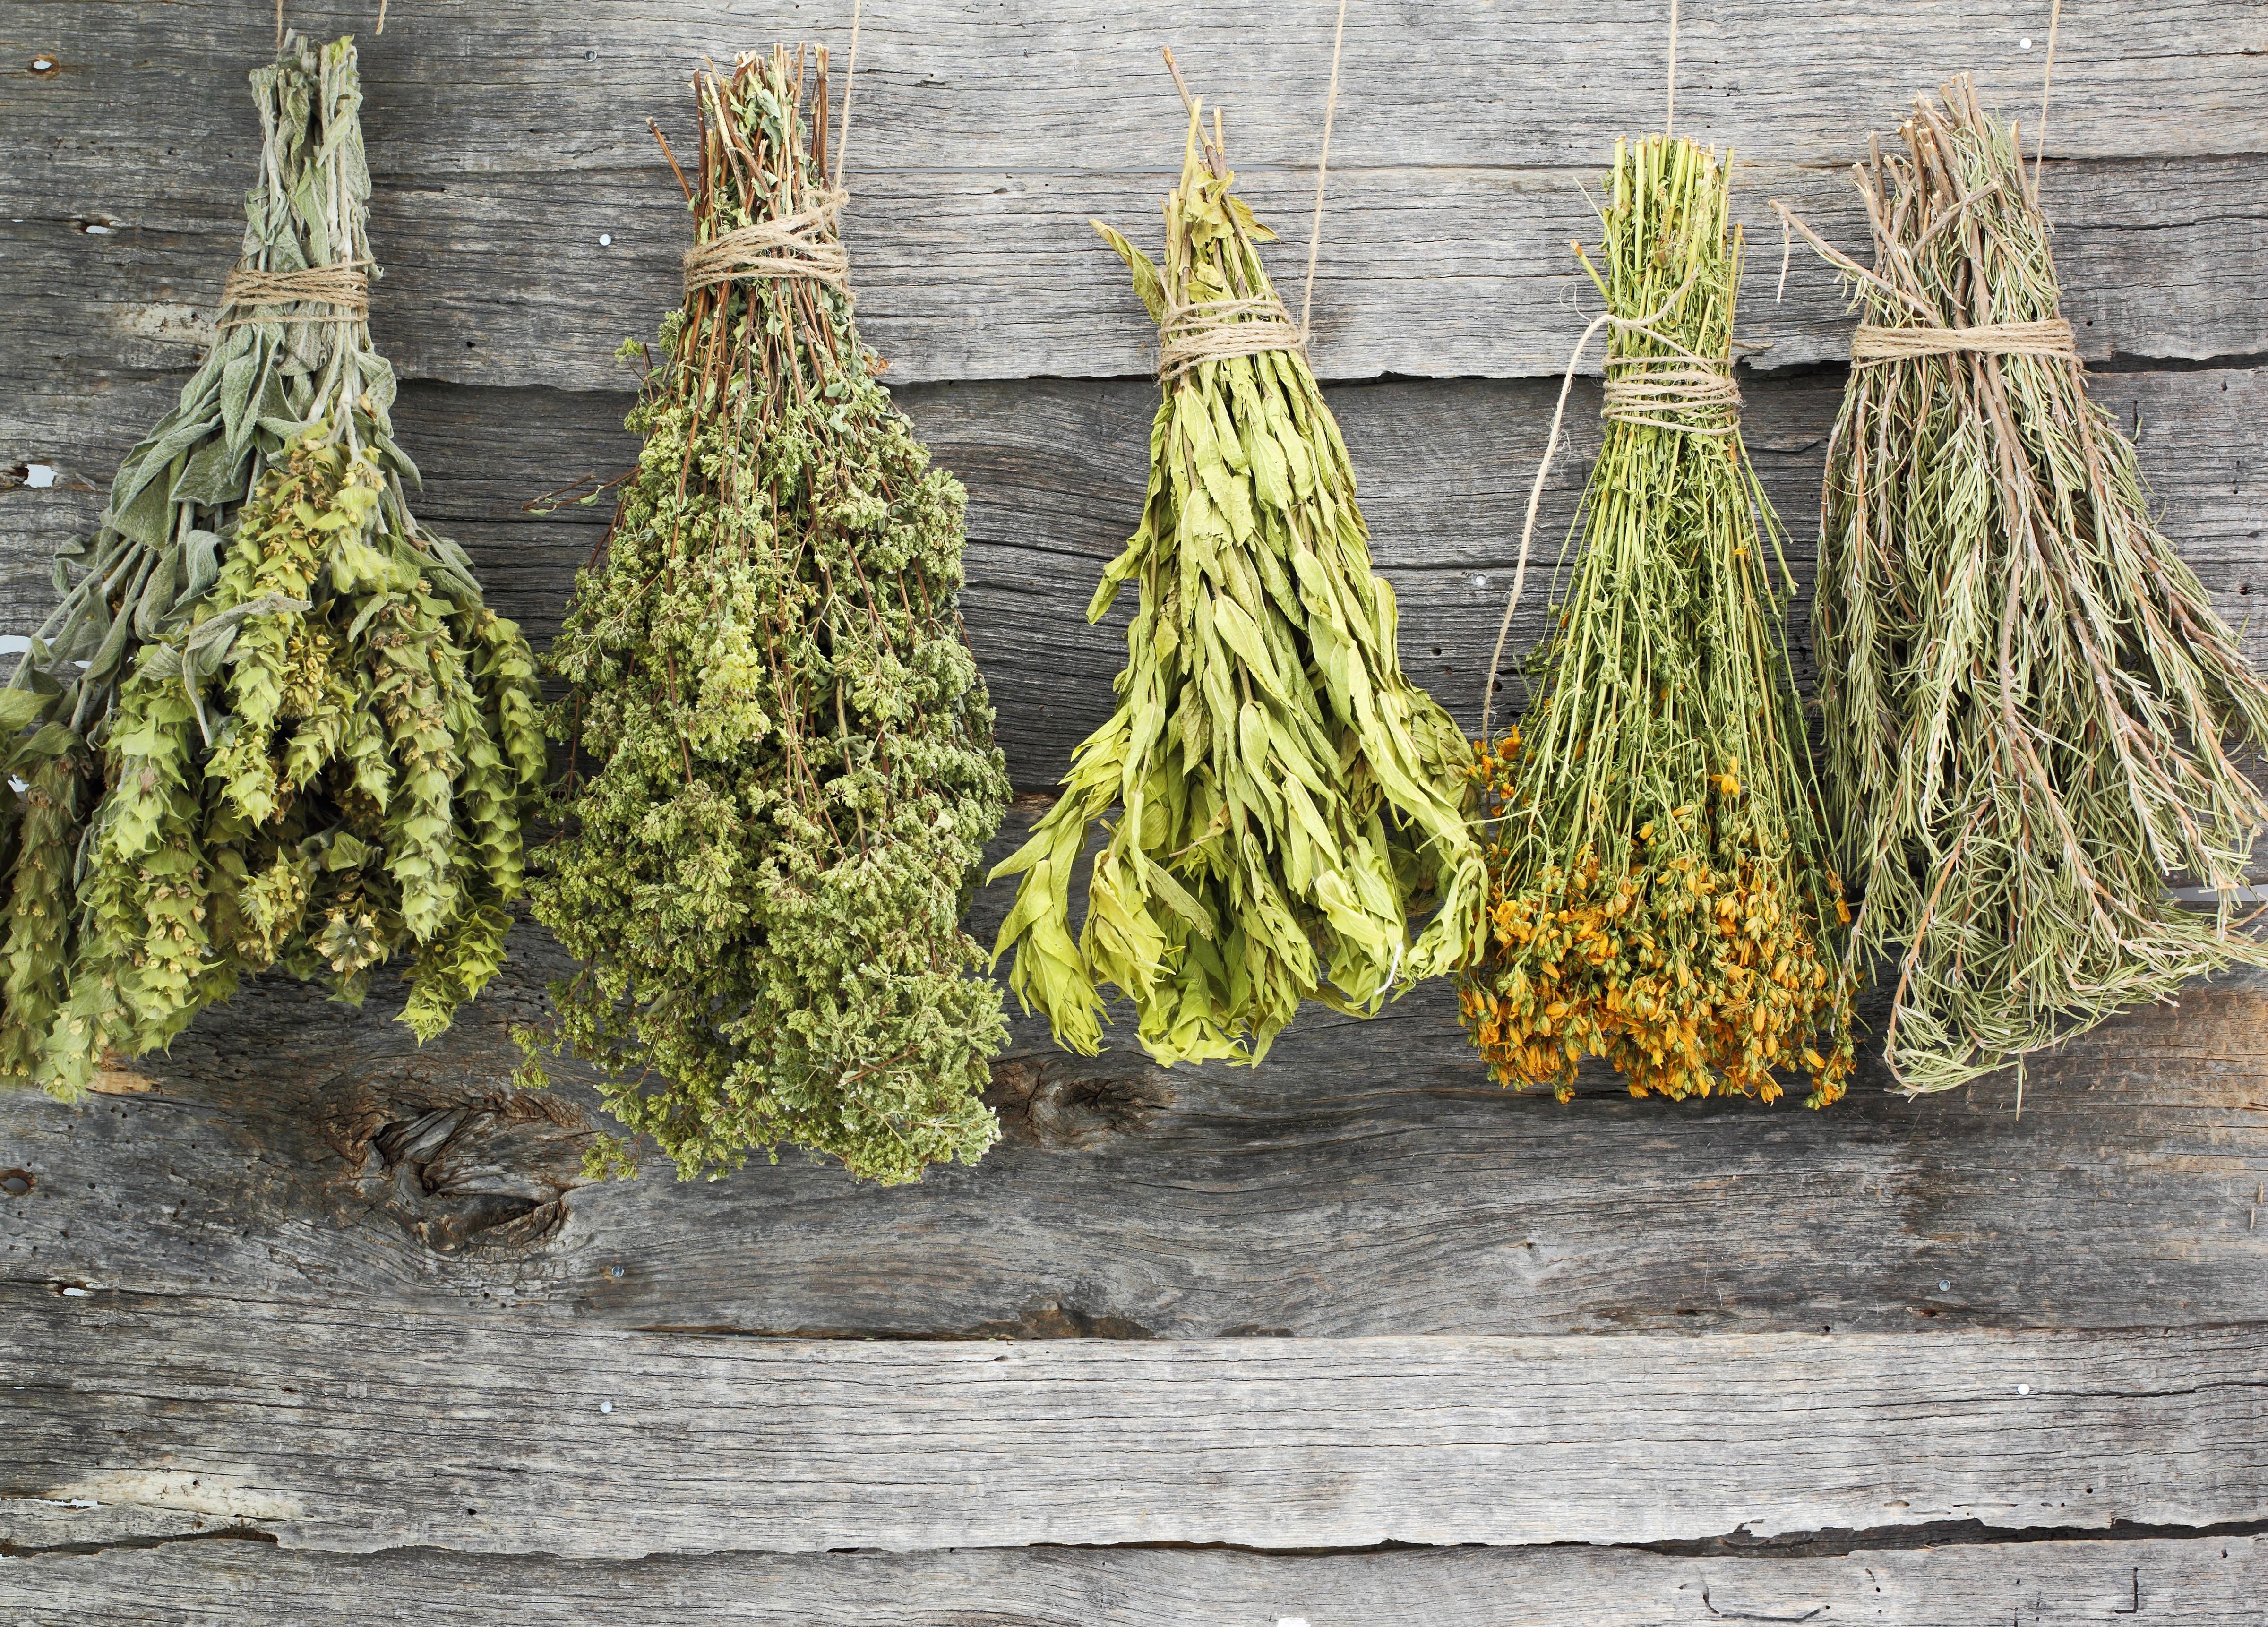 лекарственные травы противоглистное средство, рецепт травяной сбор от глистов детям